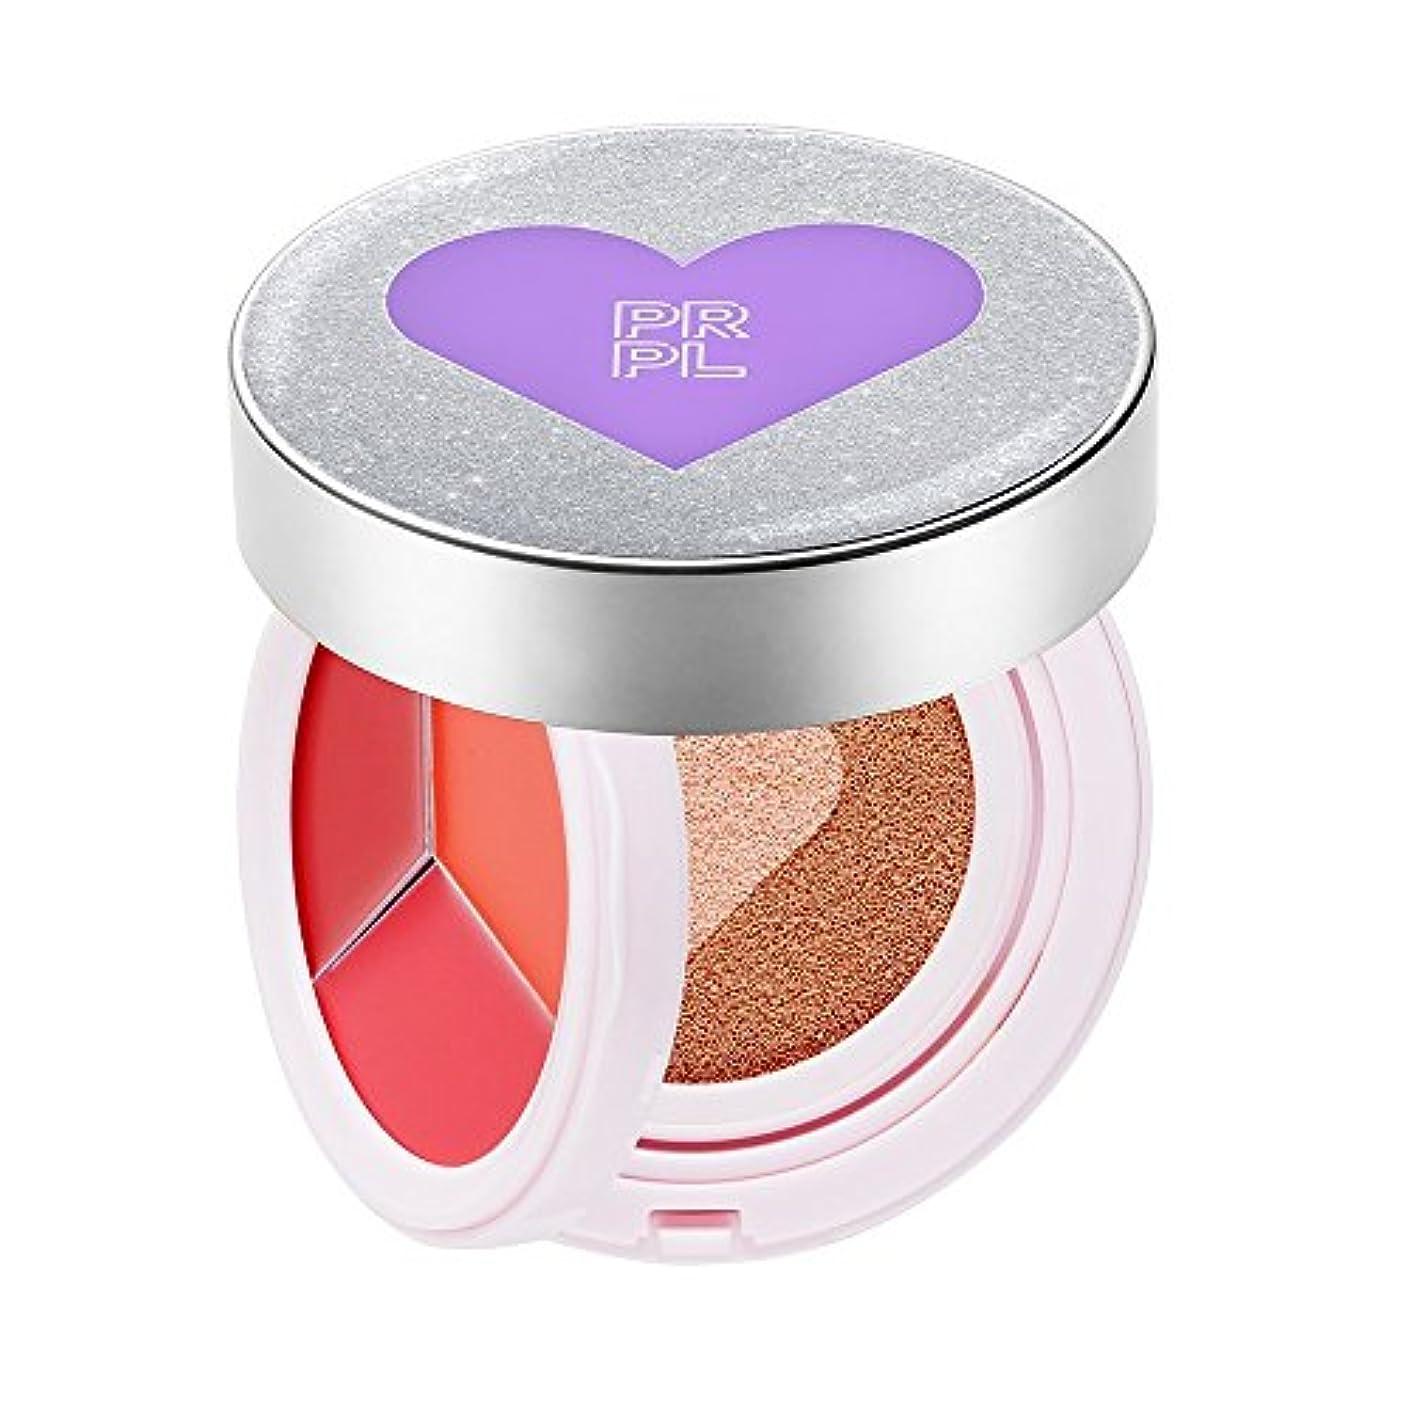 粗い広告するかなりPRPL Kiss&Heart Cushion Silver Edition(Lip Glow Pink/Lip Glow Orange/Lip Glow Red) Triple Heart Cushion Compact...